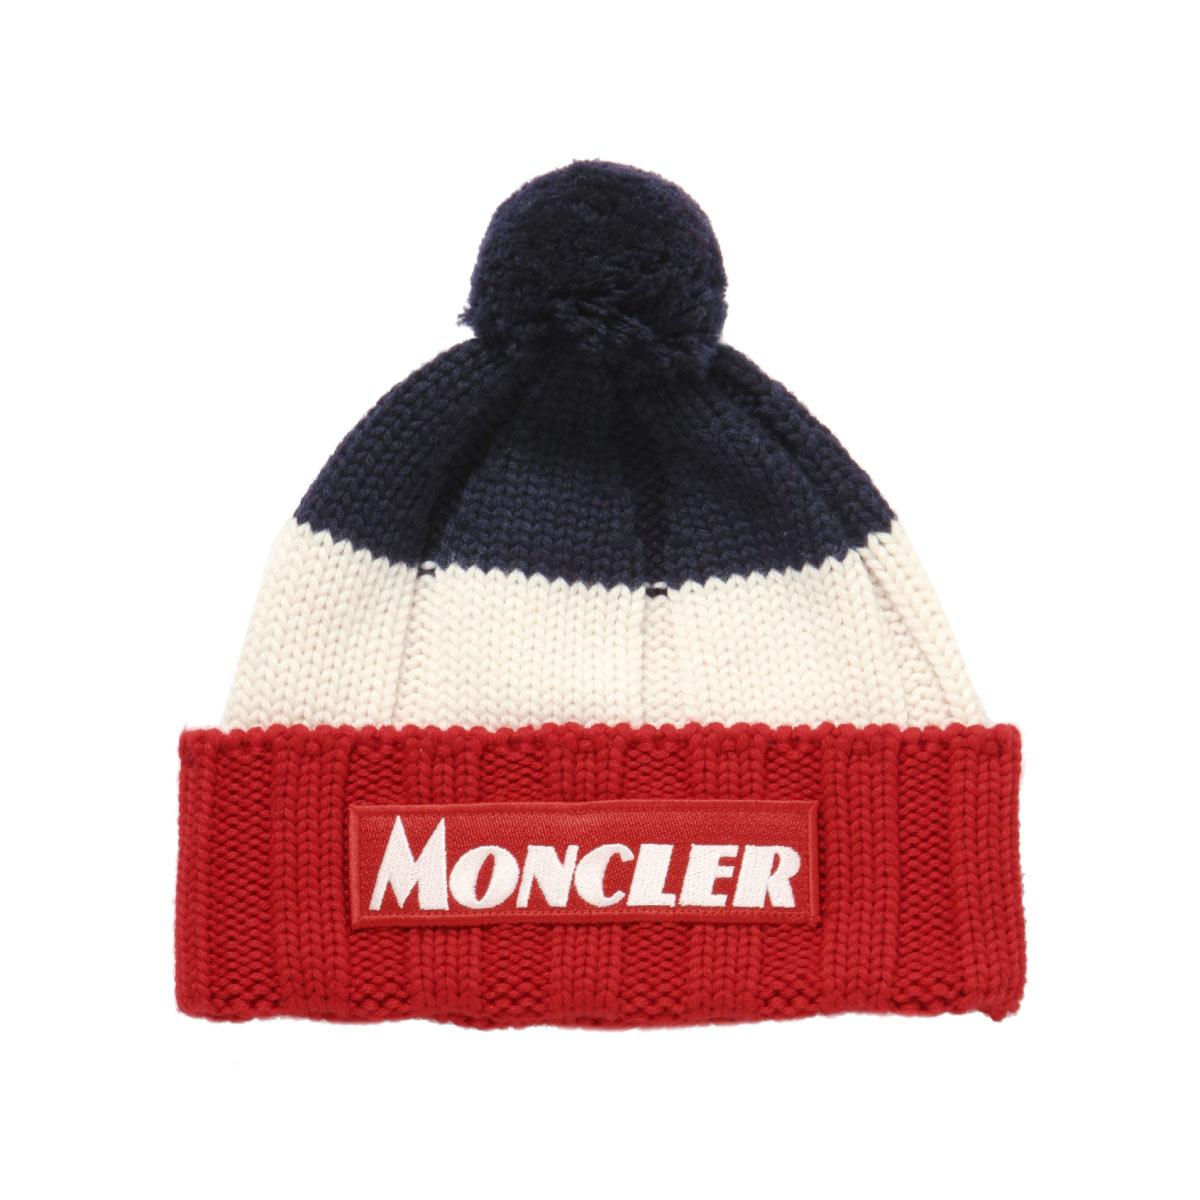 モンクレール MONCLER ニットキャップ キッズ ボーイズ 9922600 A9156 778 NAVY マルチカラー